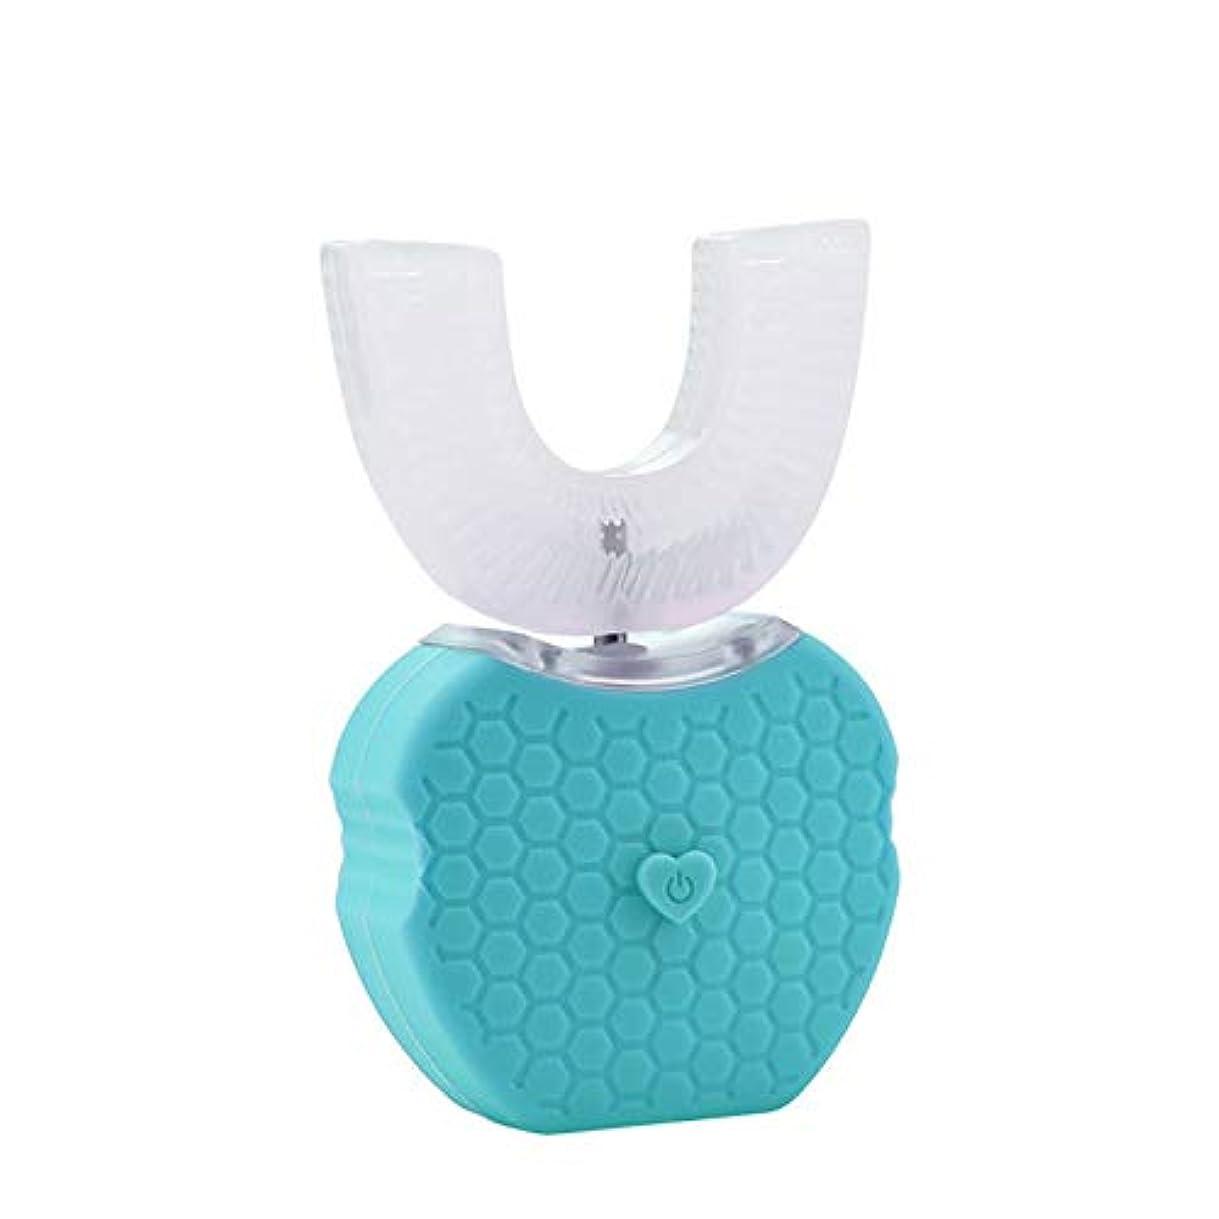 怒りズボンカテナフルオートマチック可変周波数電動歯ブラシ、自動360度U字型電動歯ブラシ、ワイヤレス充電IPX7防水自動歯ブラシ(大人用),Blue